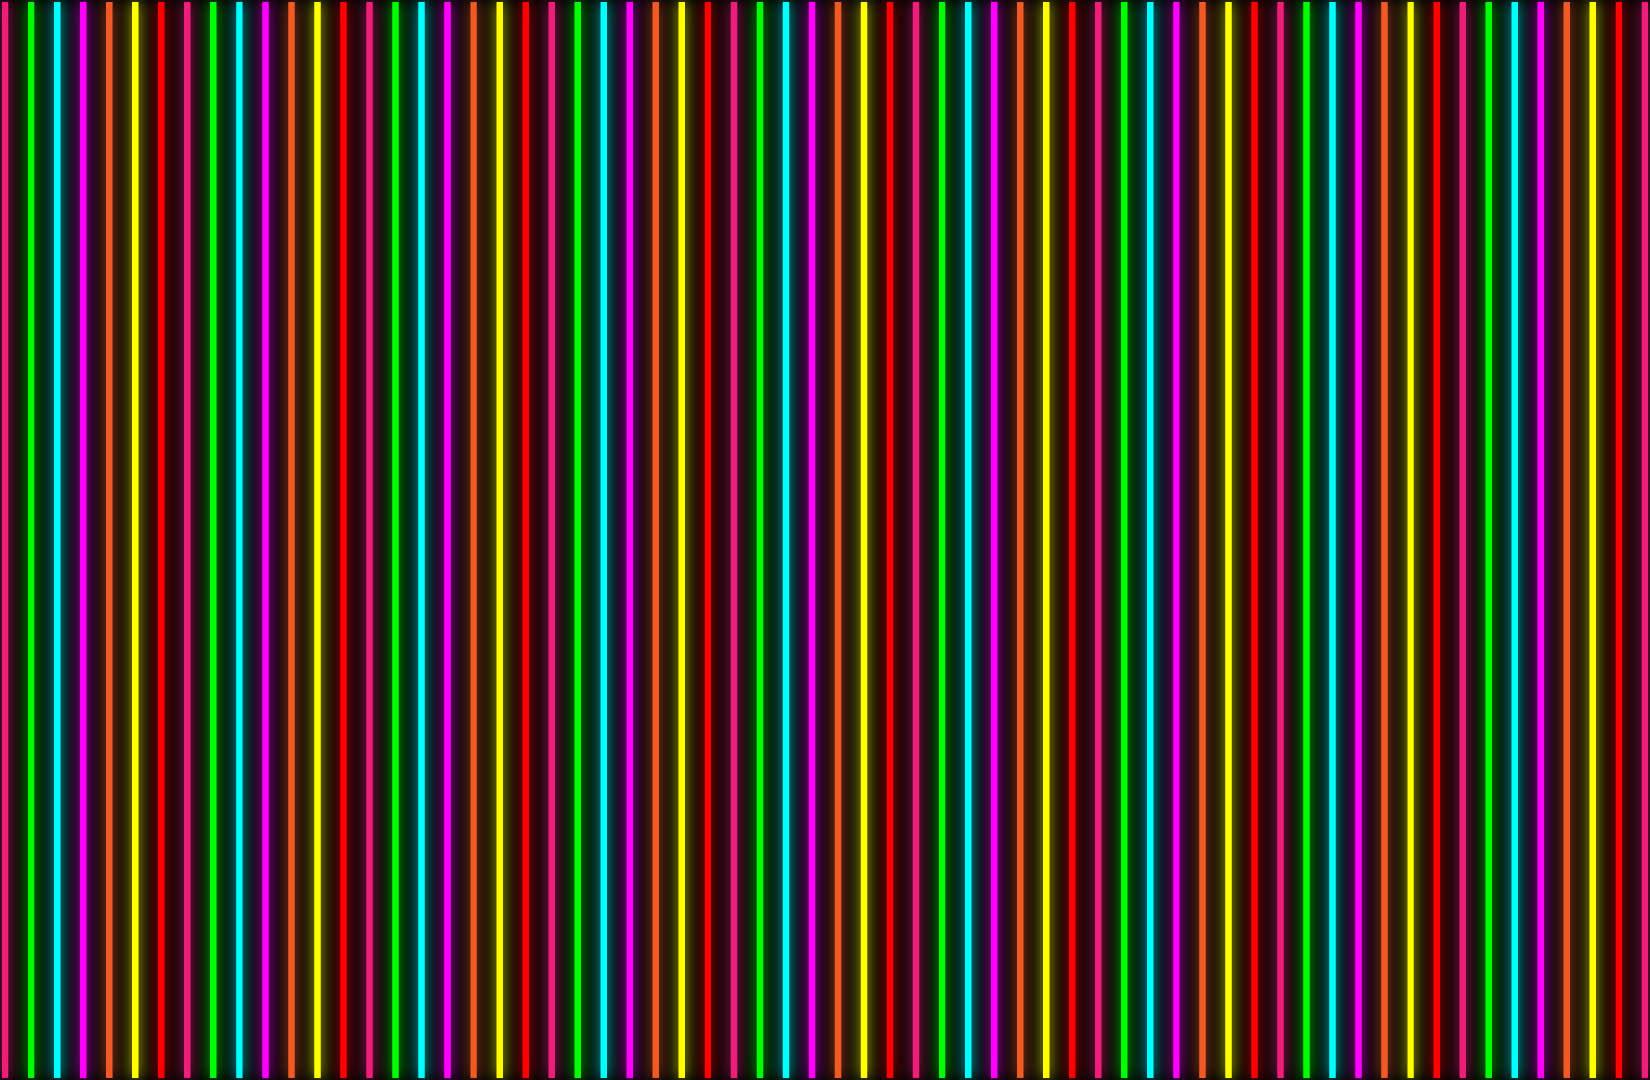 funky retro desktop wallpaper by AFROMAR 1650x1080